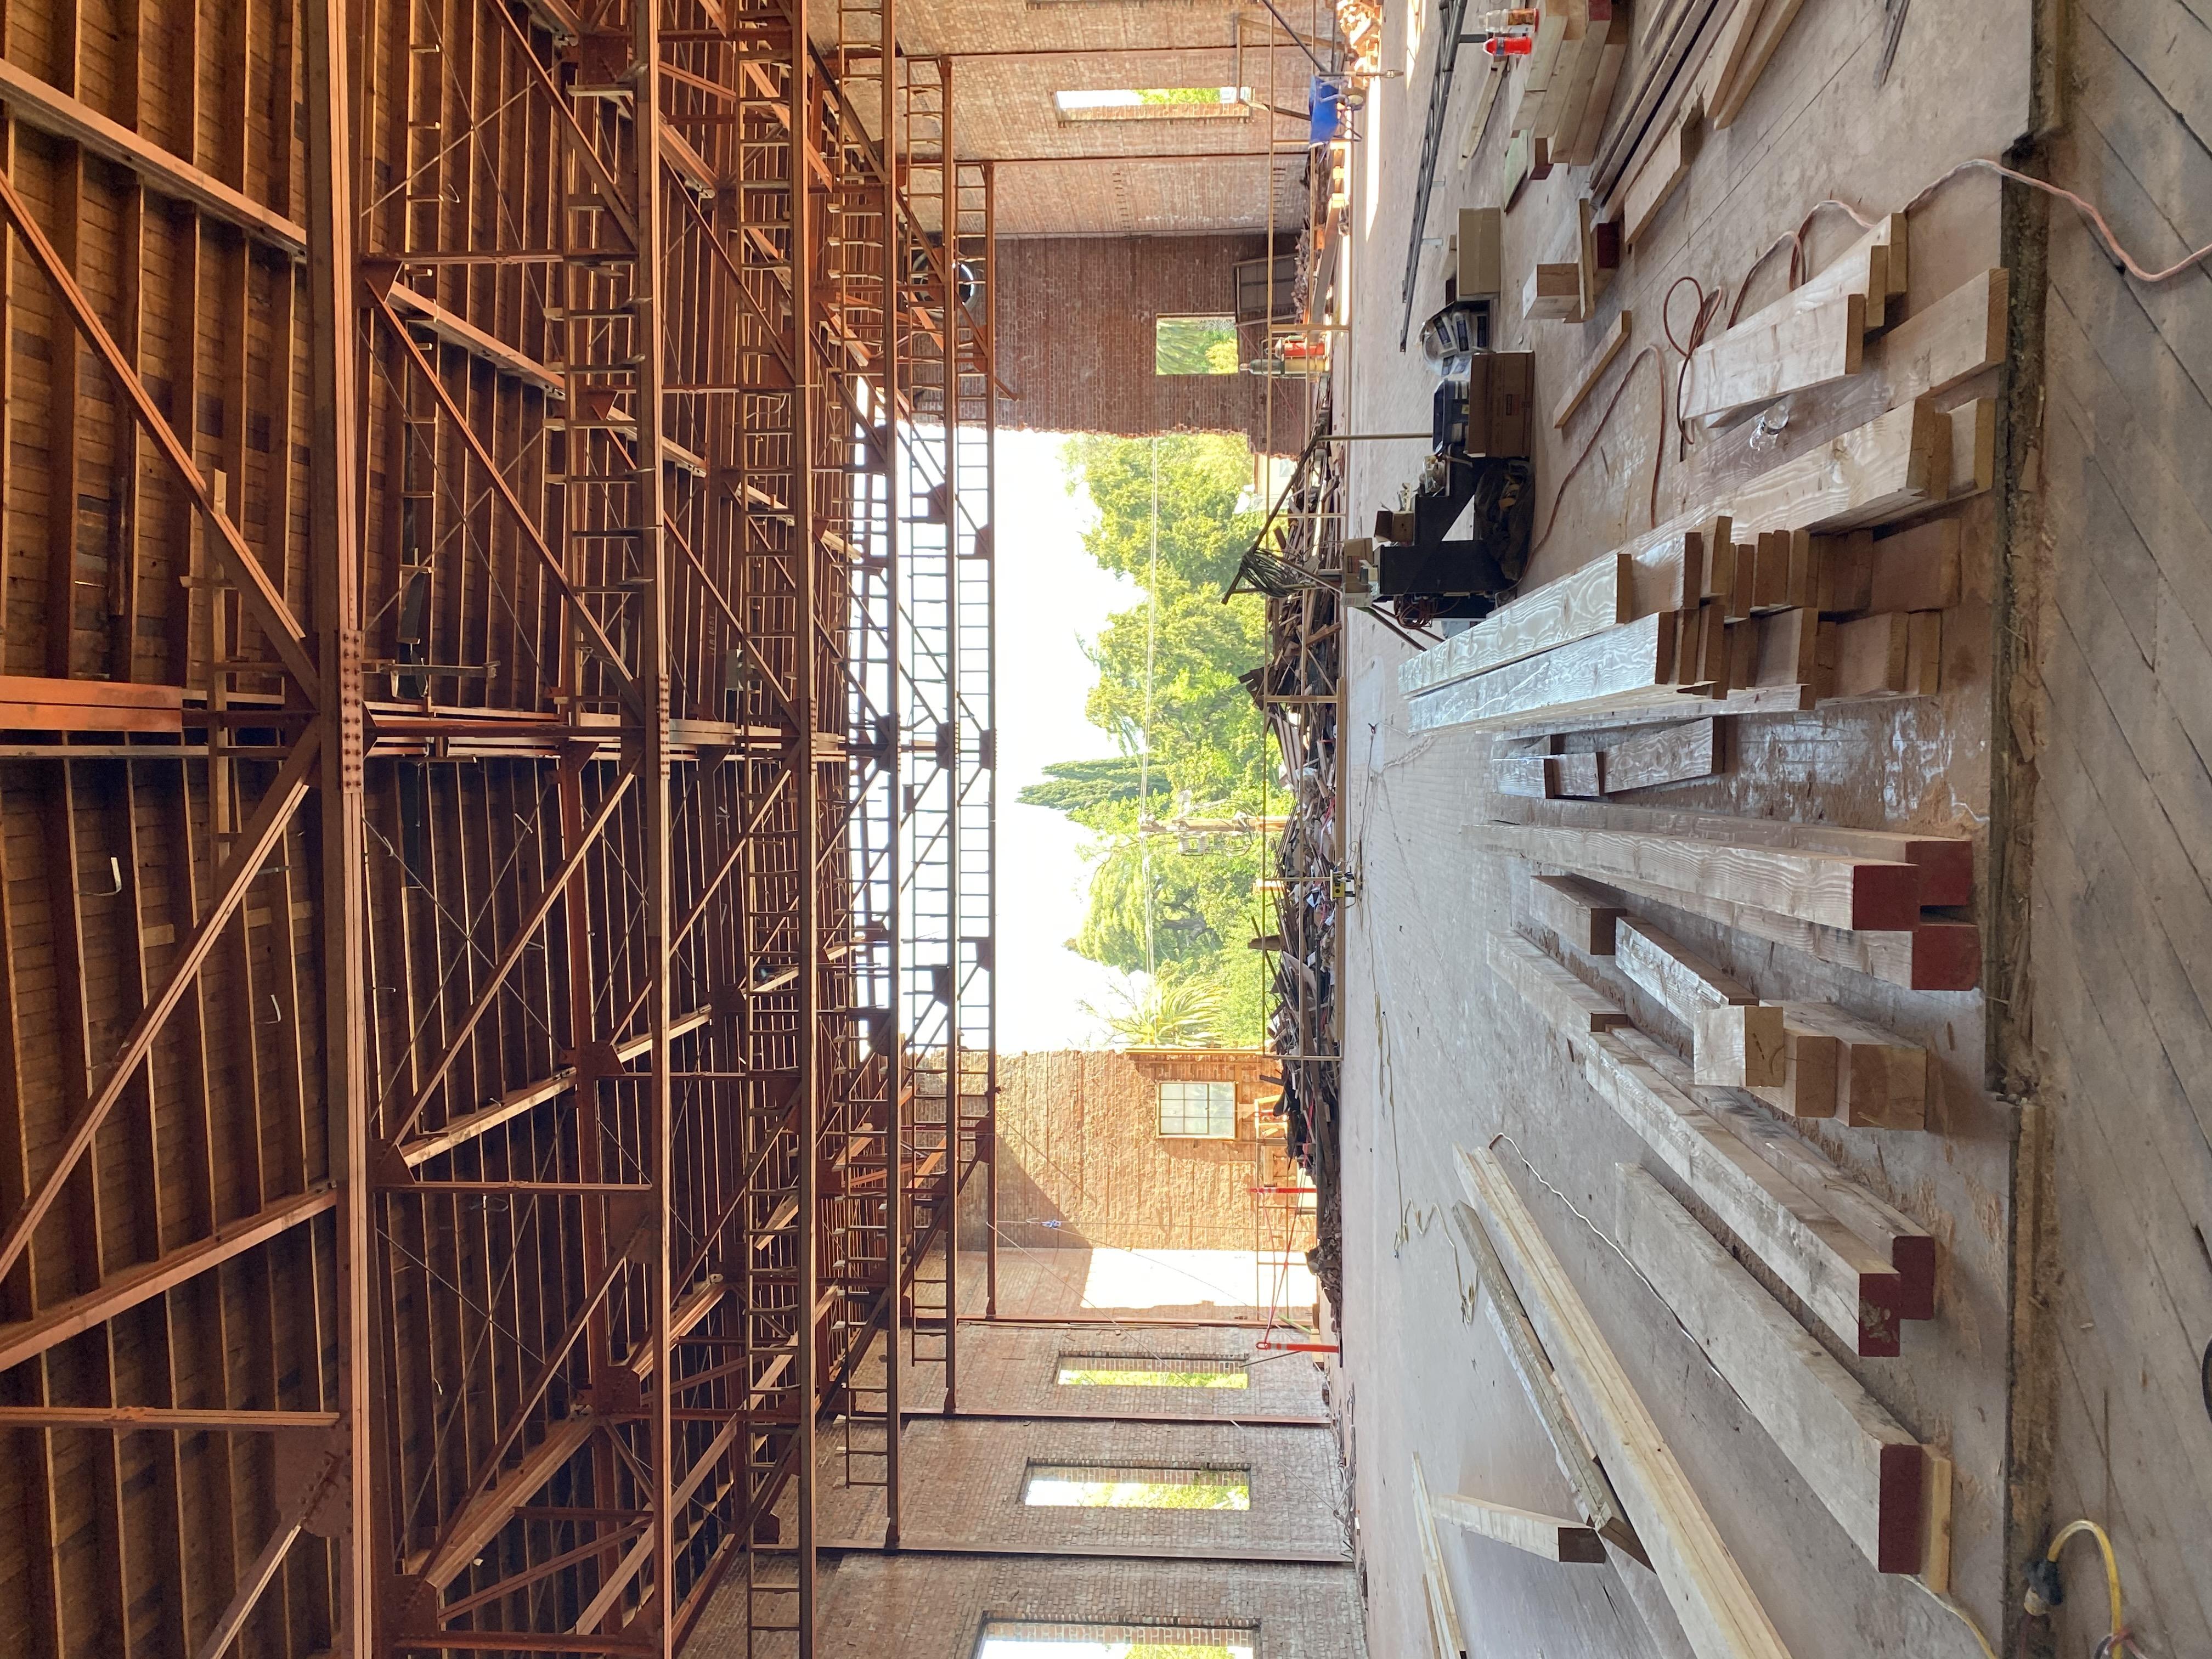 Upper floor brick openning